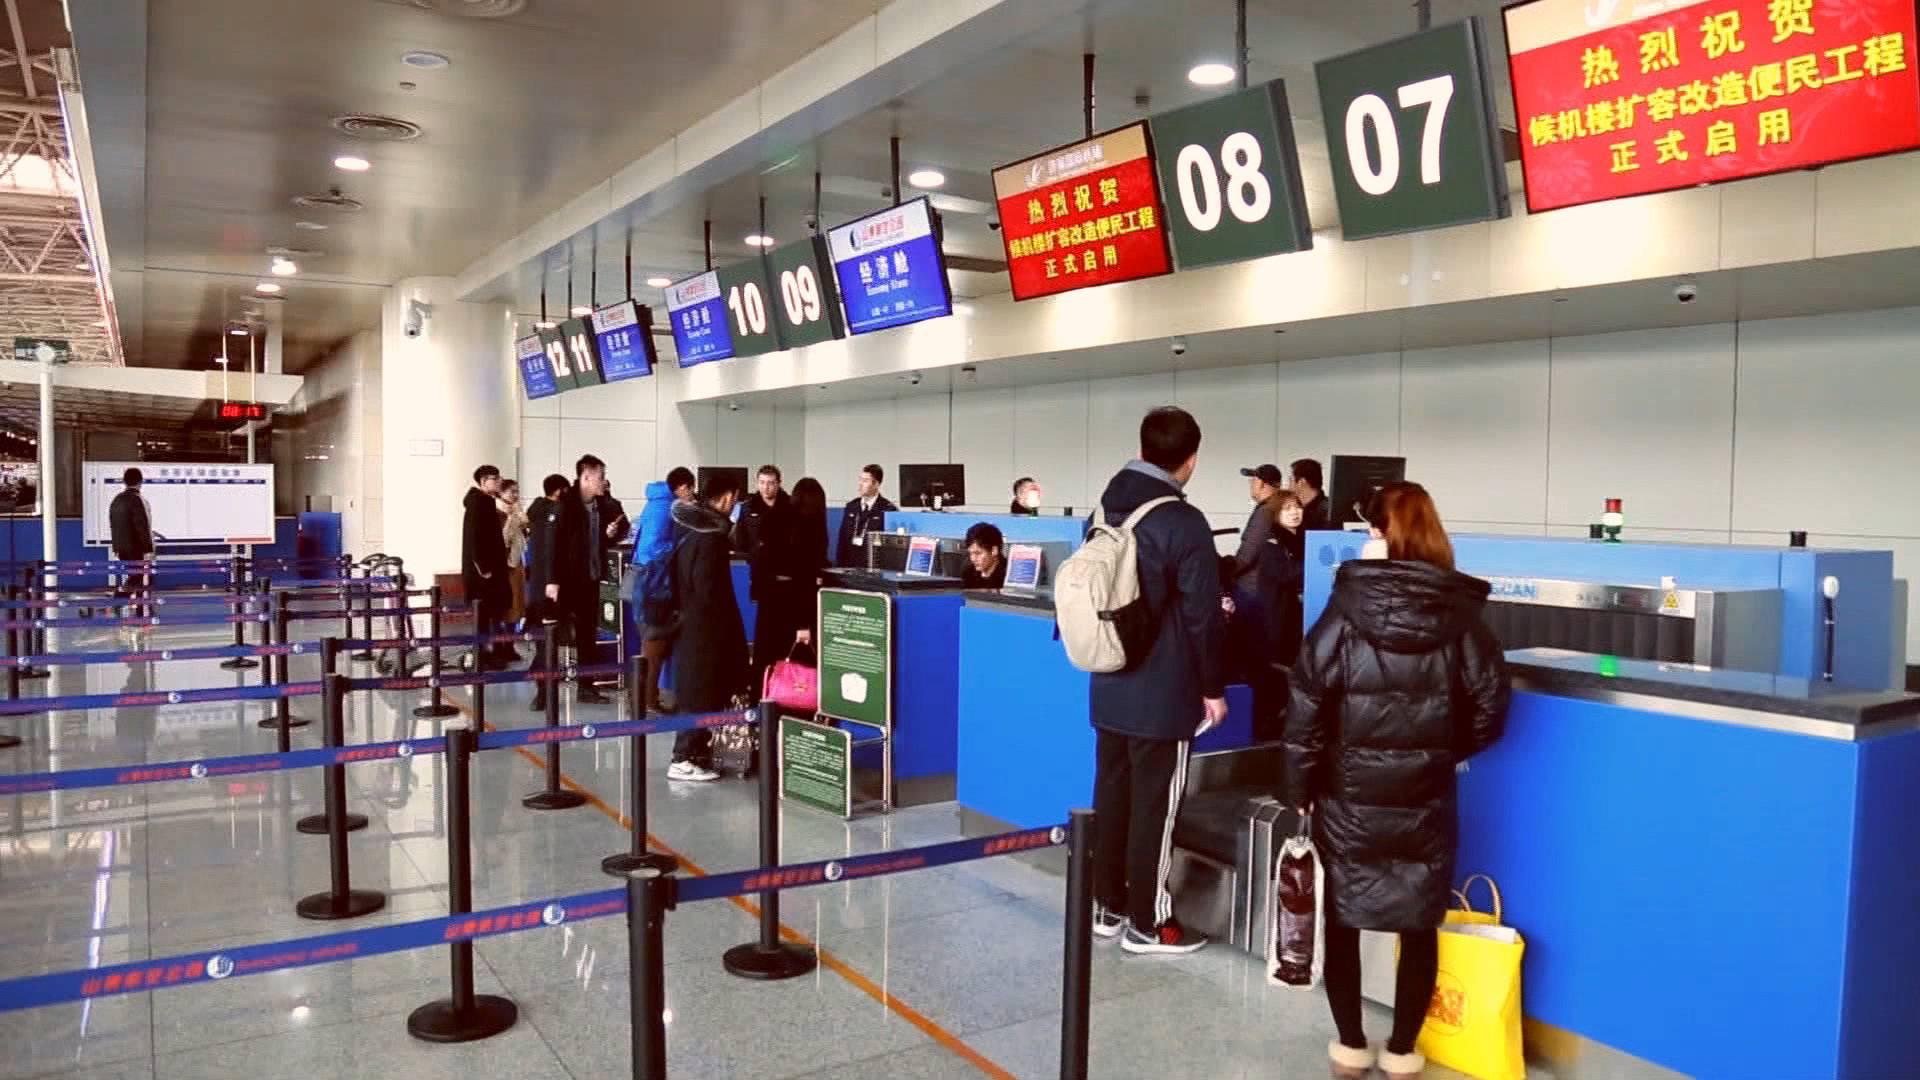 62秒丨济南机场将建设智慧机场 无纸化登机时代来临